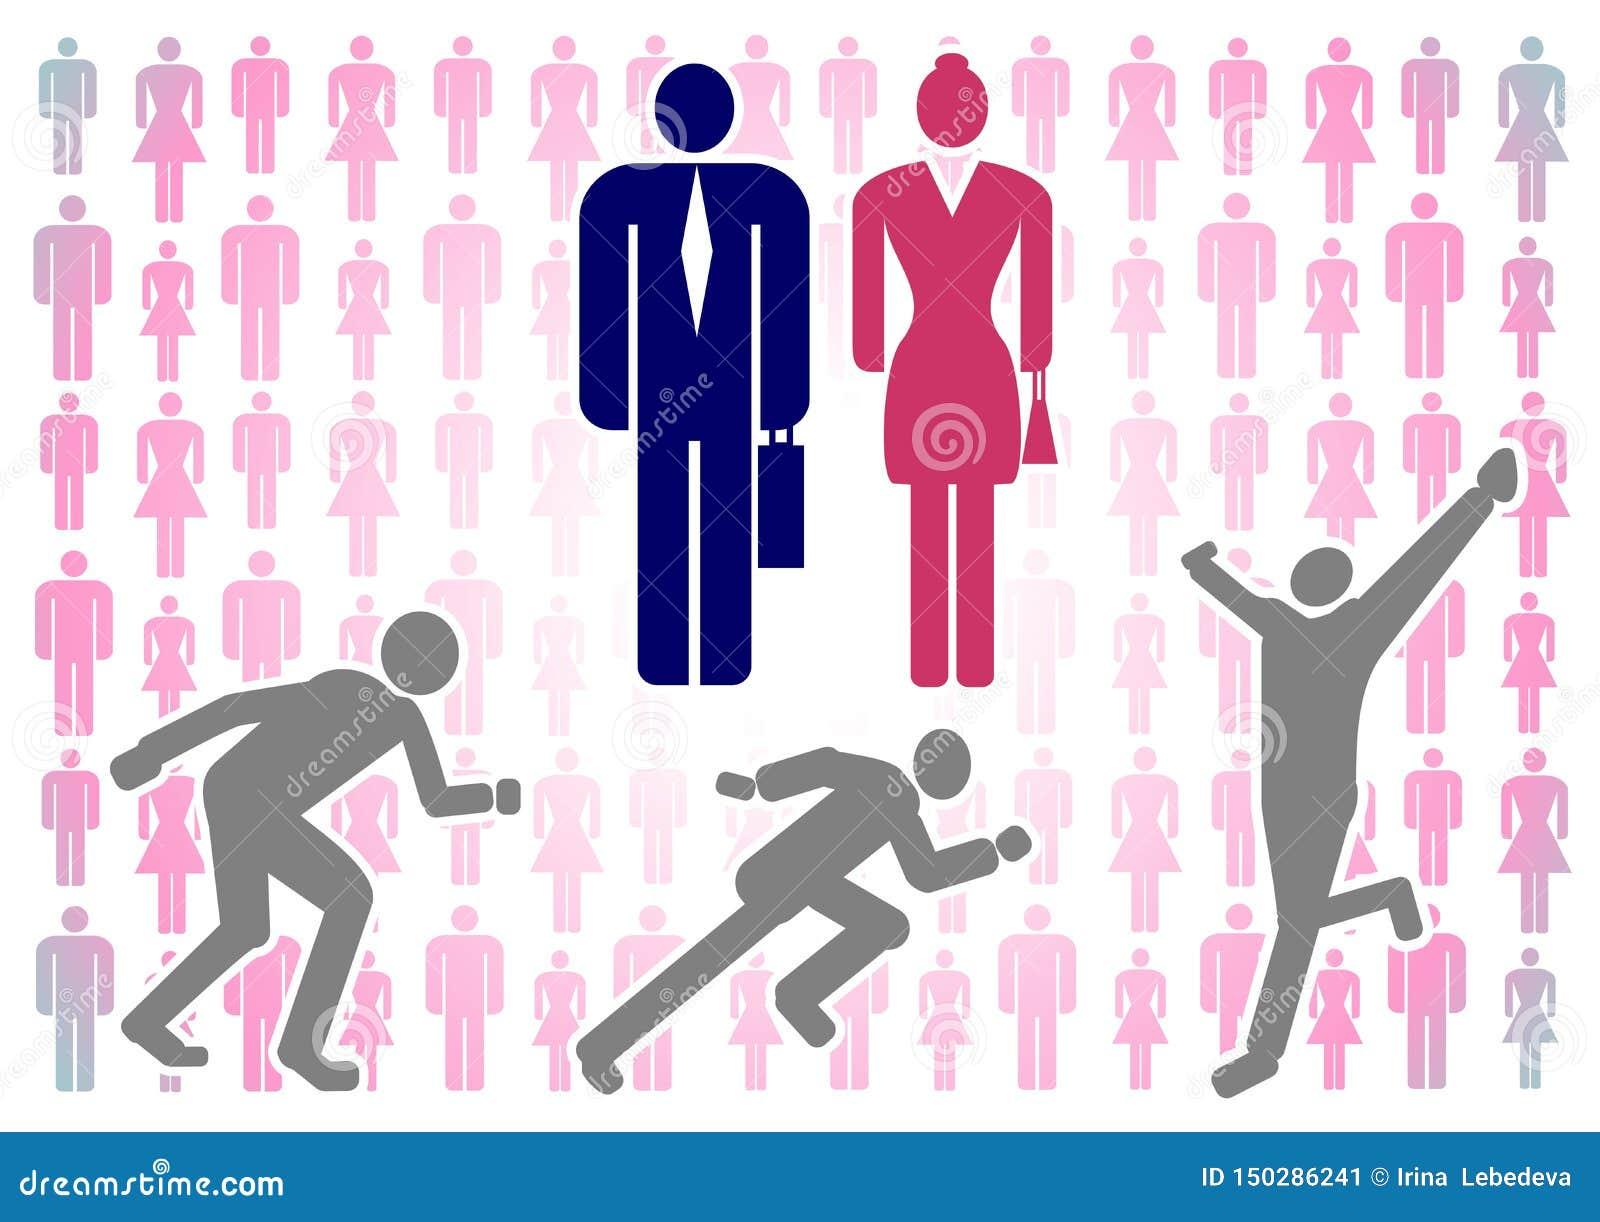 Ilustração do vetor com as silhuetas coloridas dos homens e das mulheres em um fundo branco, assim como a figura de um homem de c